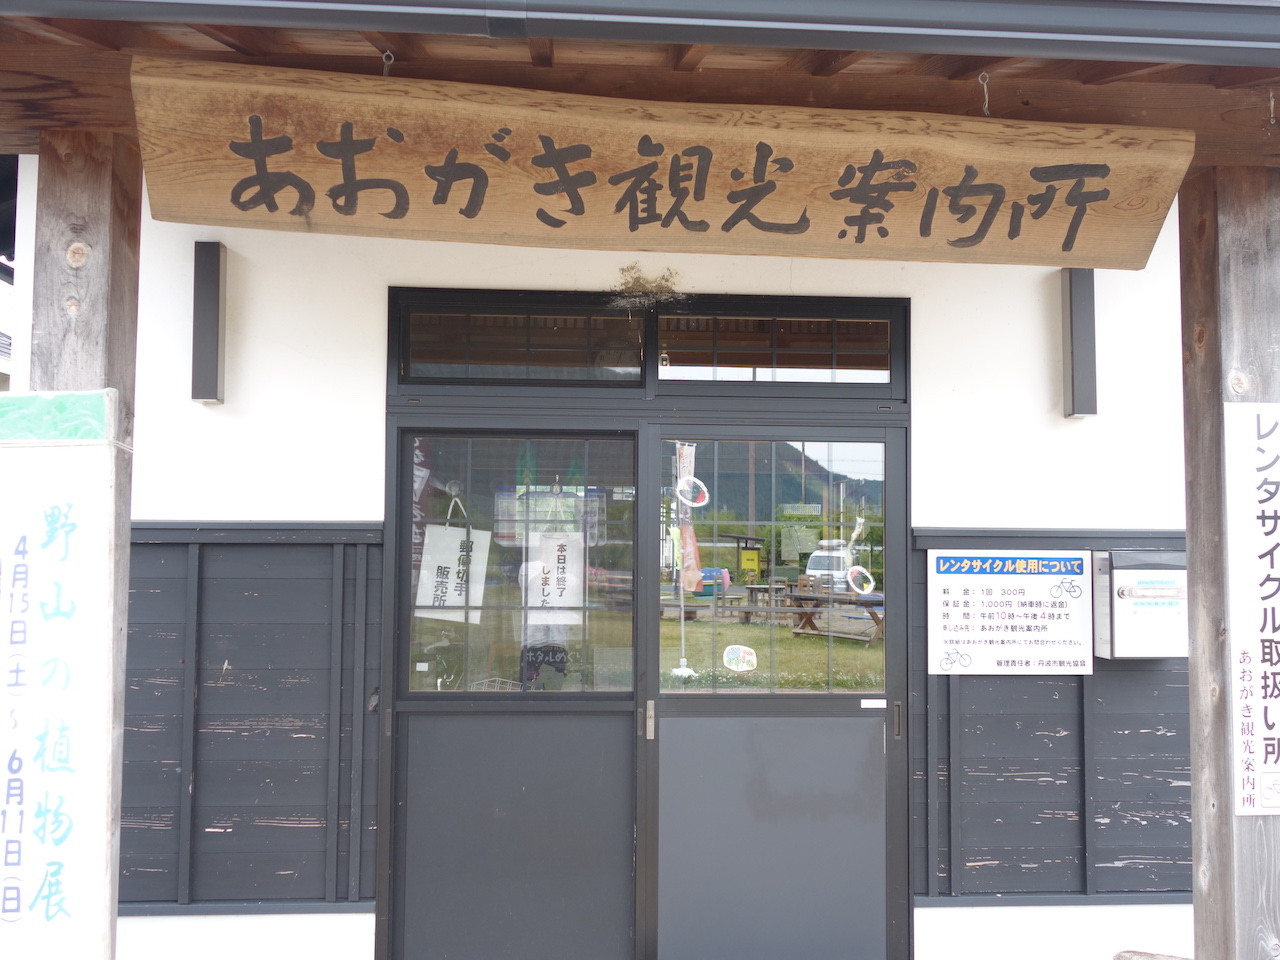 丹波市の道の駅青垣が・・・非常に残念だった。